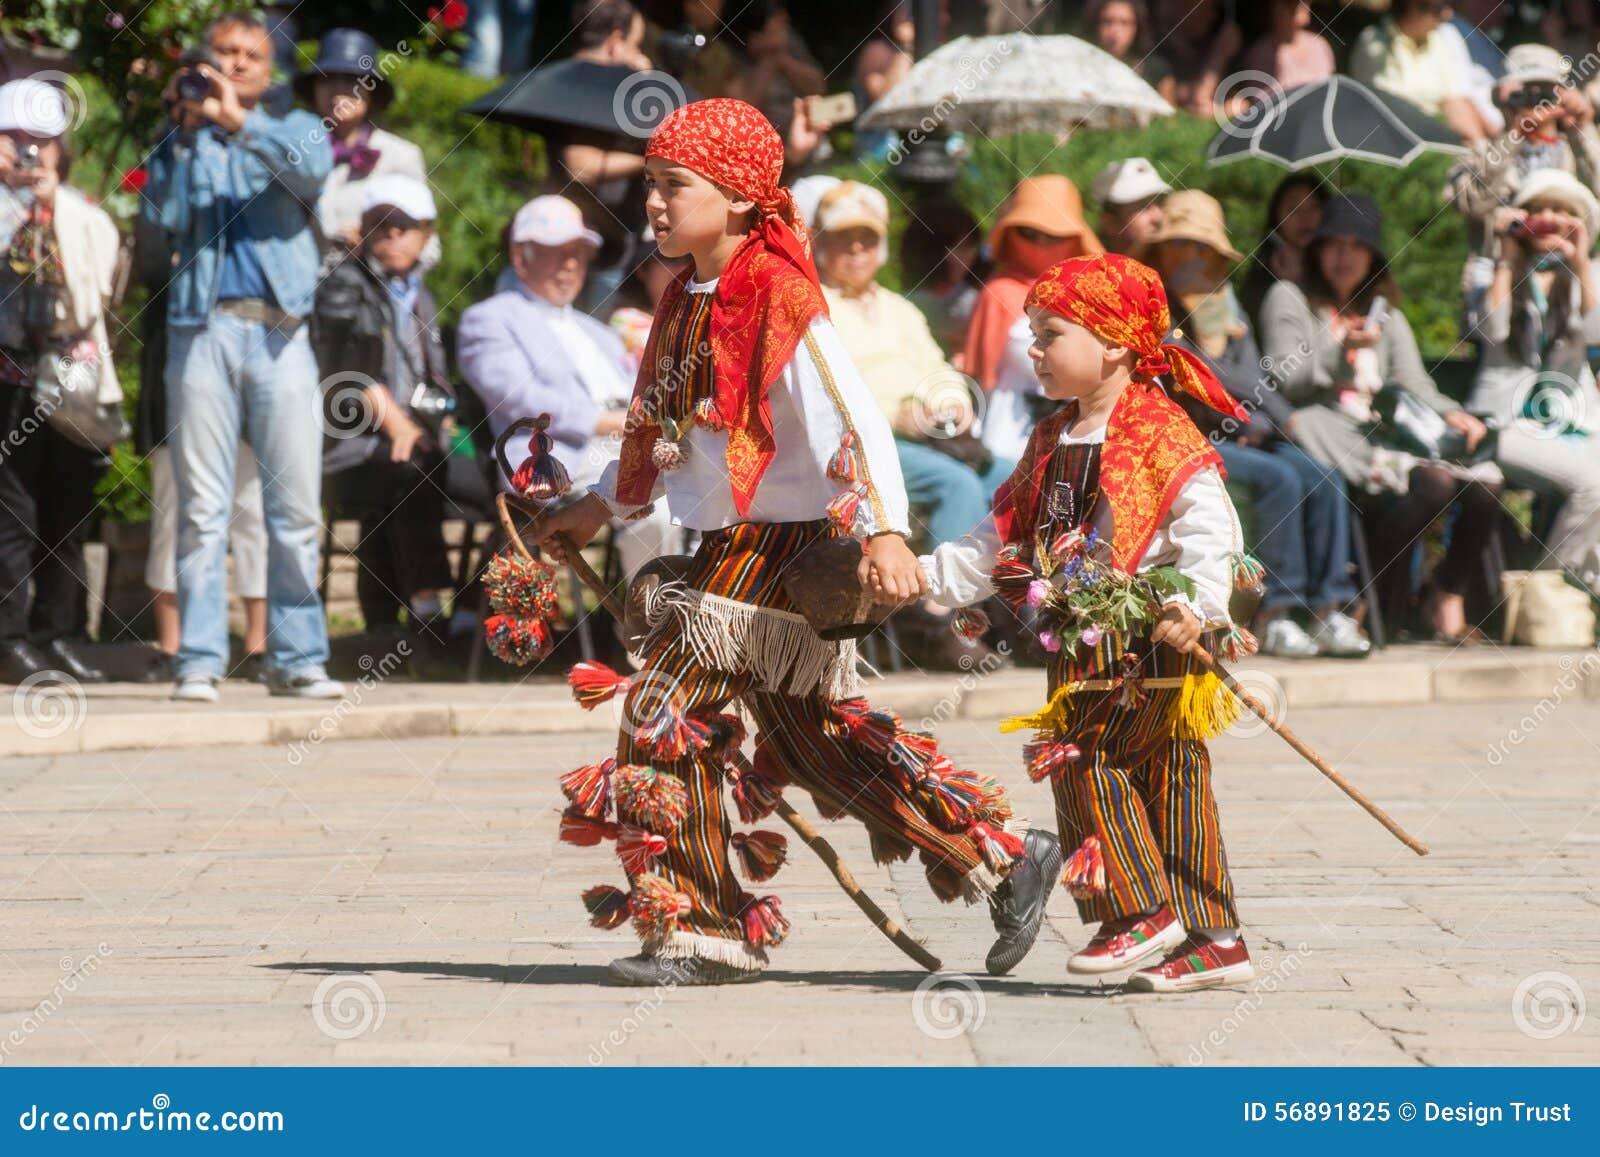 Giovane su gioielli nazionali nella festa in Bulgaria